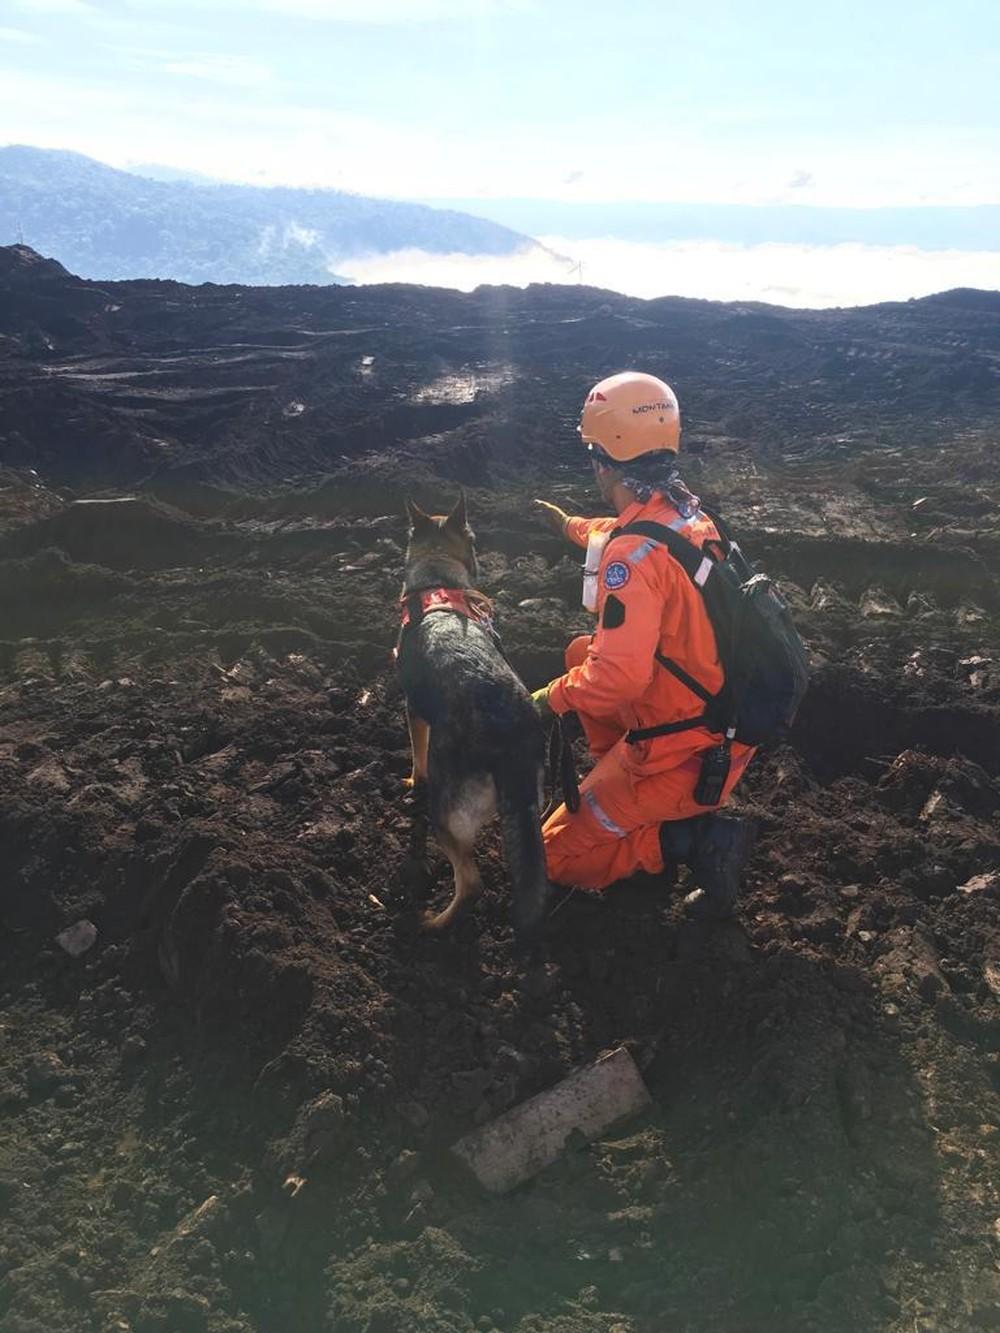 Cães ajudam nas buscas em Brumadinho — Foto: Corpo de Bombeiros/Divulgação